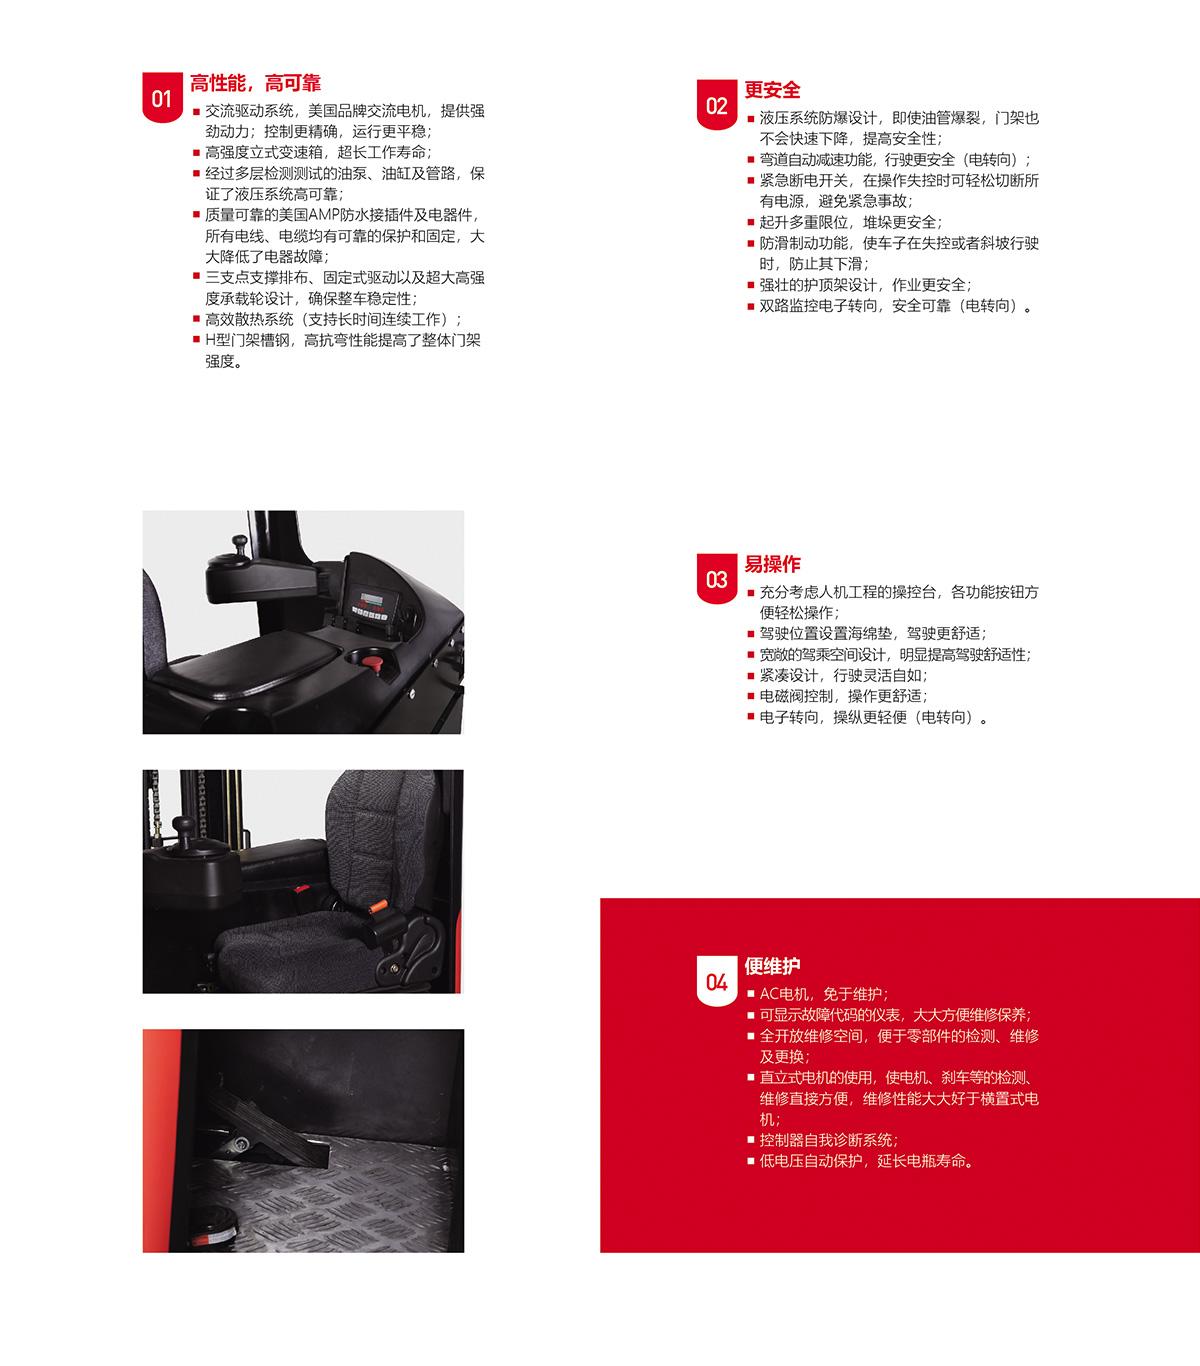 中力 1.2吨前移式电动叉车 CQD12R/CQD12RF